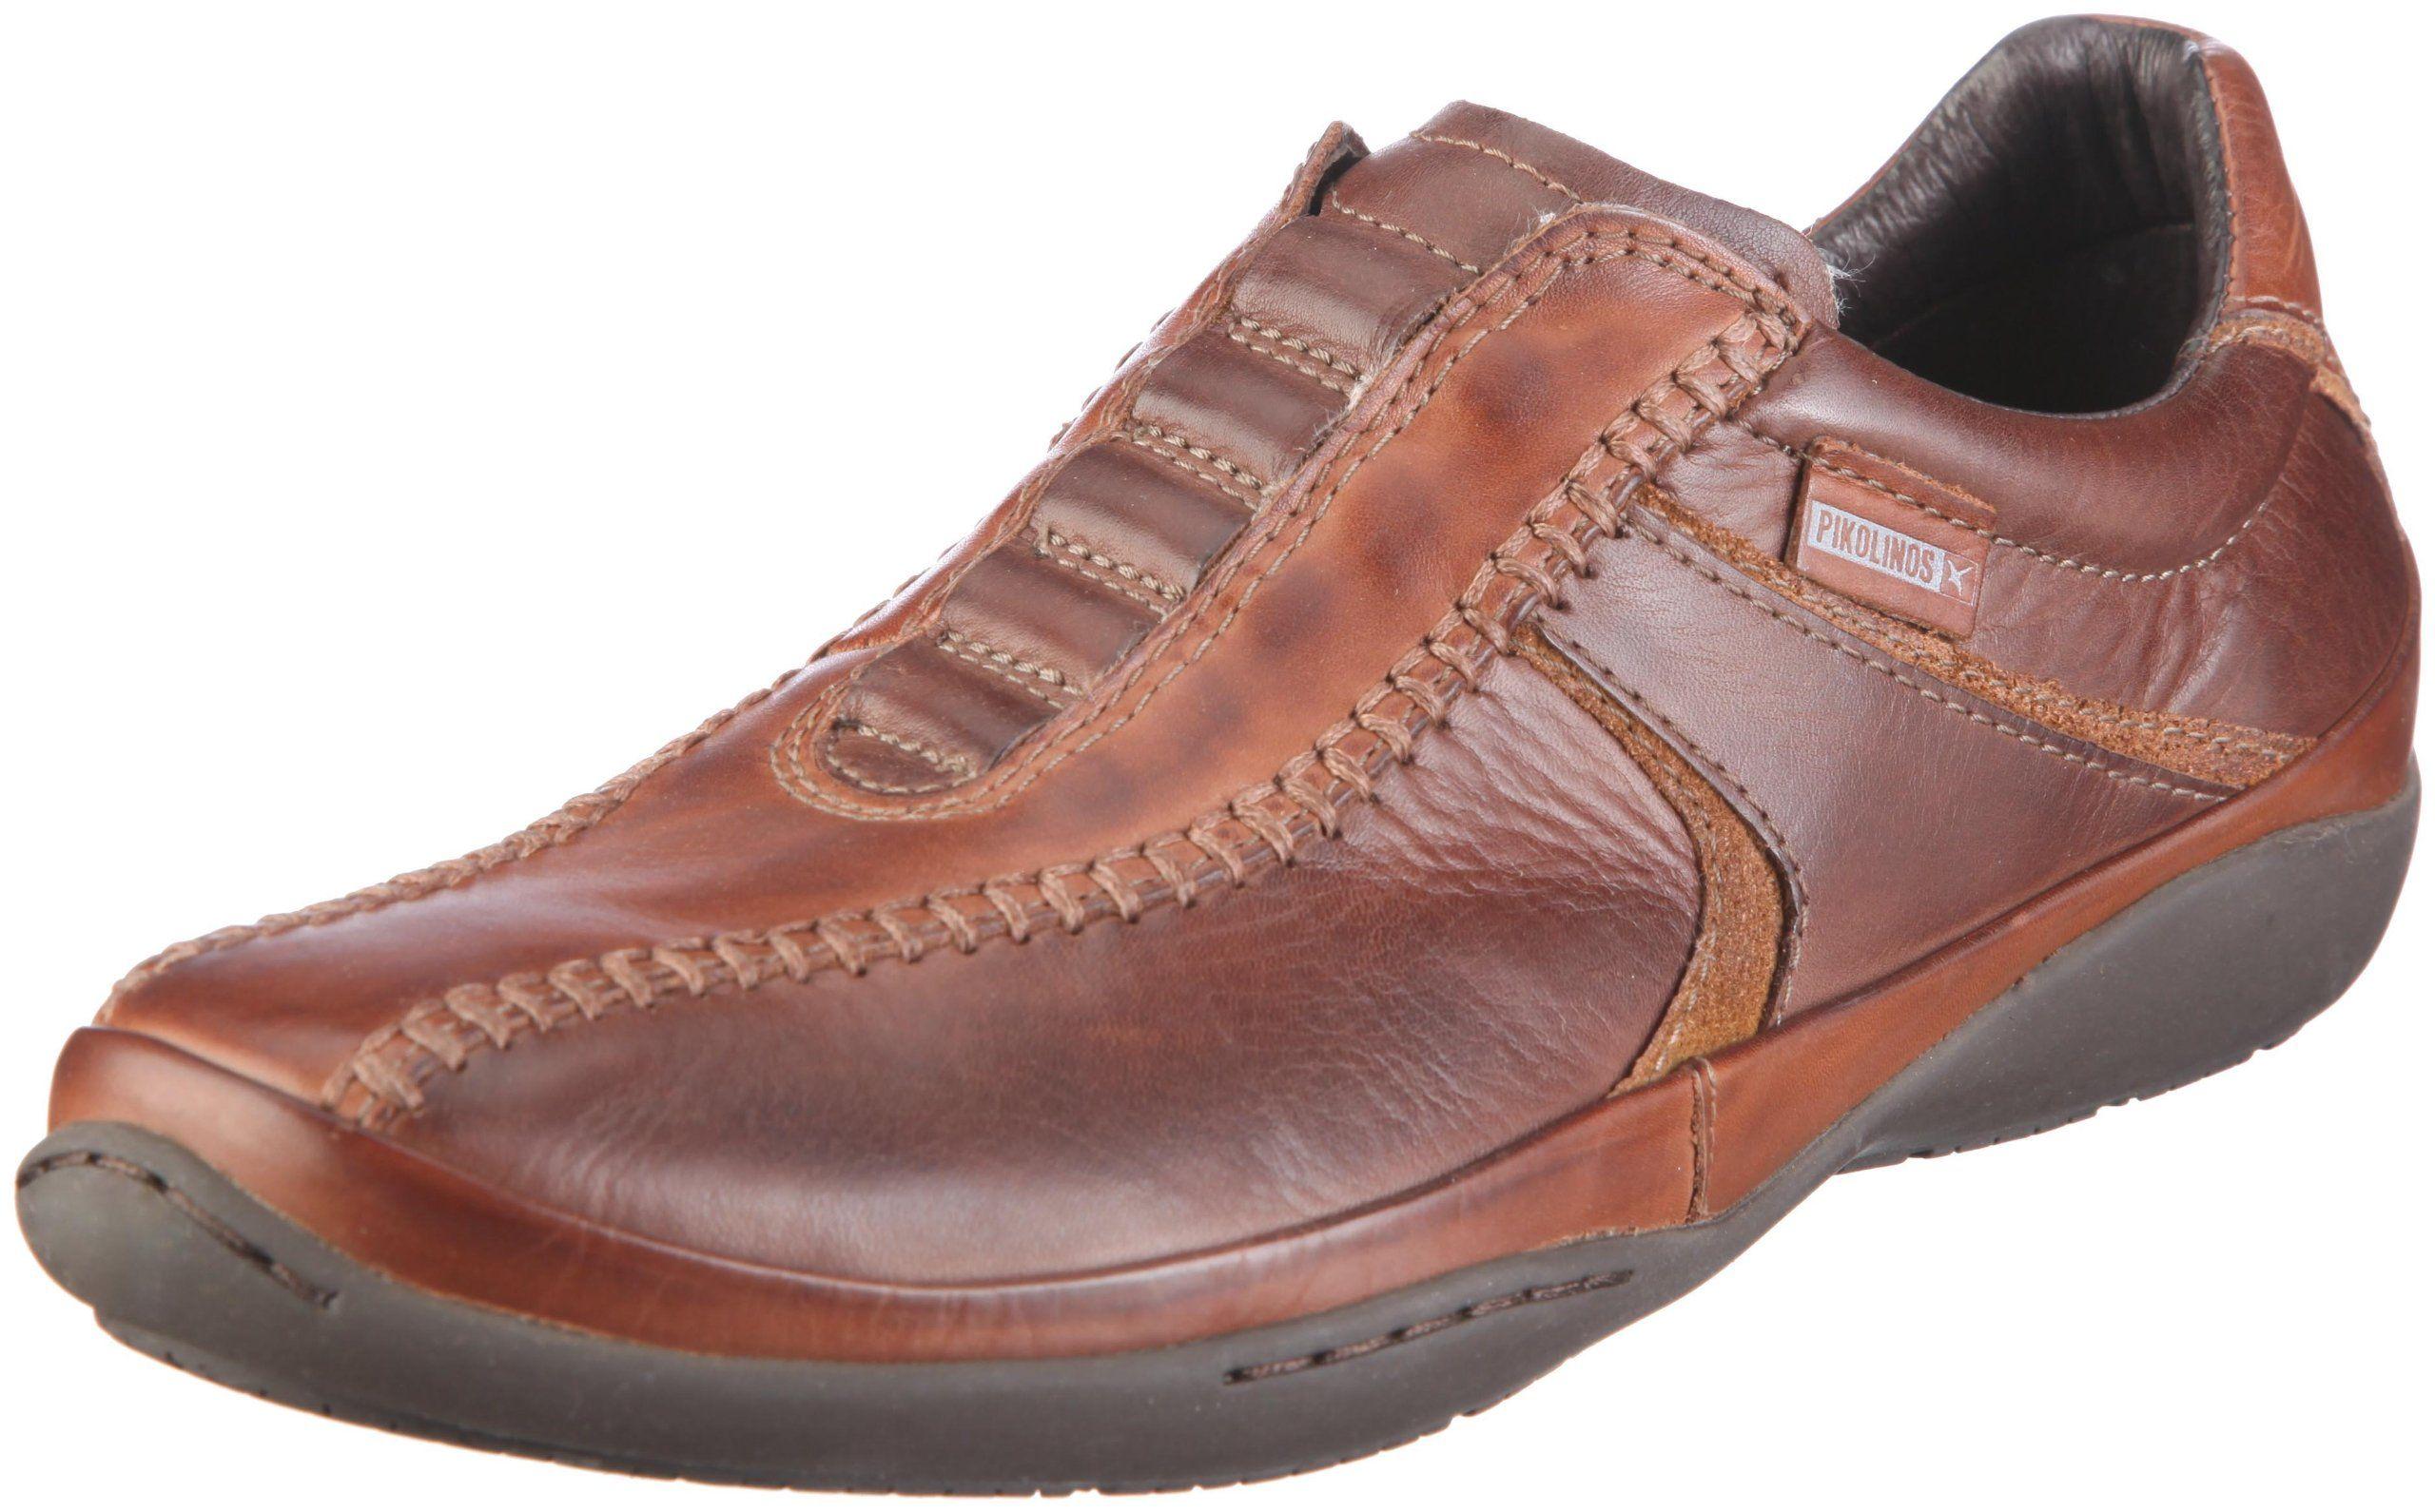 Pikolinos Men S 07f 5046 Shoe Brown 43 Eu 9 5 10 M Us Men Shoes